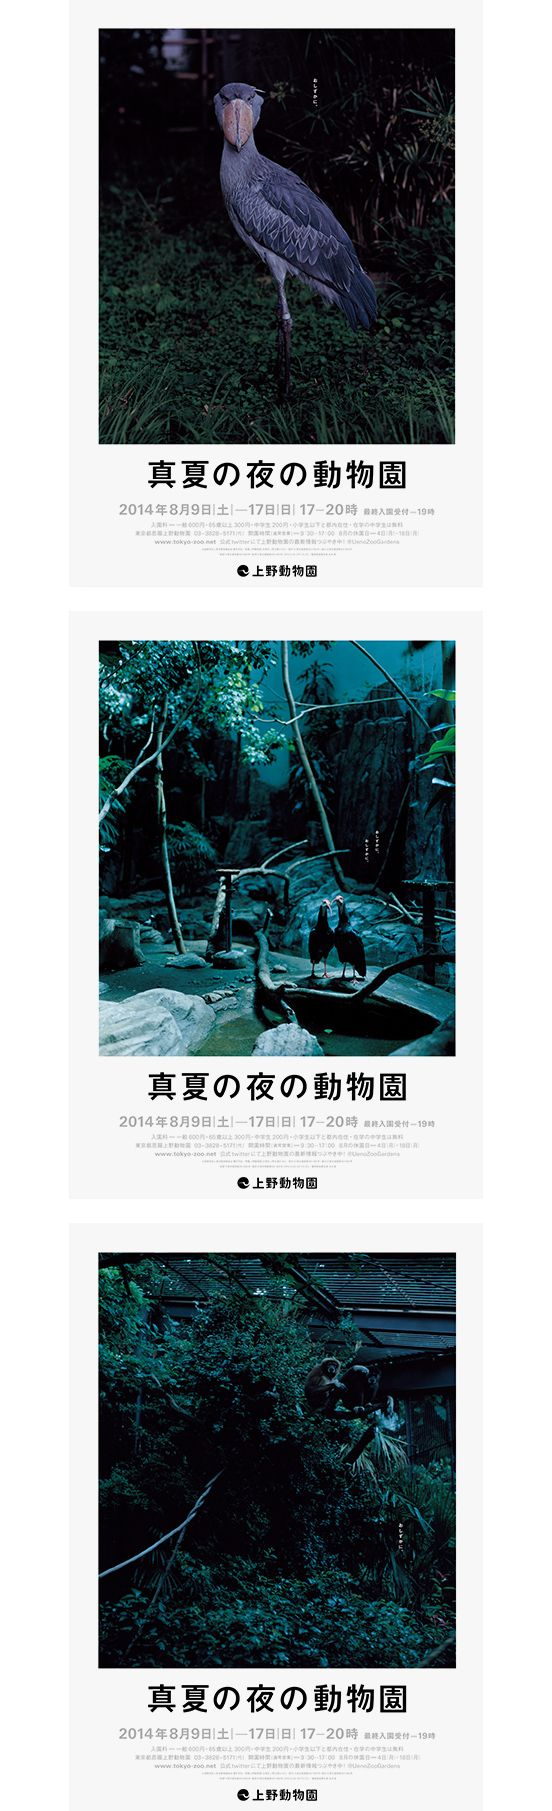 上野動物園「真夏の夜の動物園」のポスターを制作   NEWS   日本デザインセンター